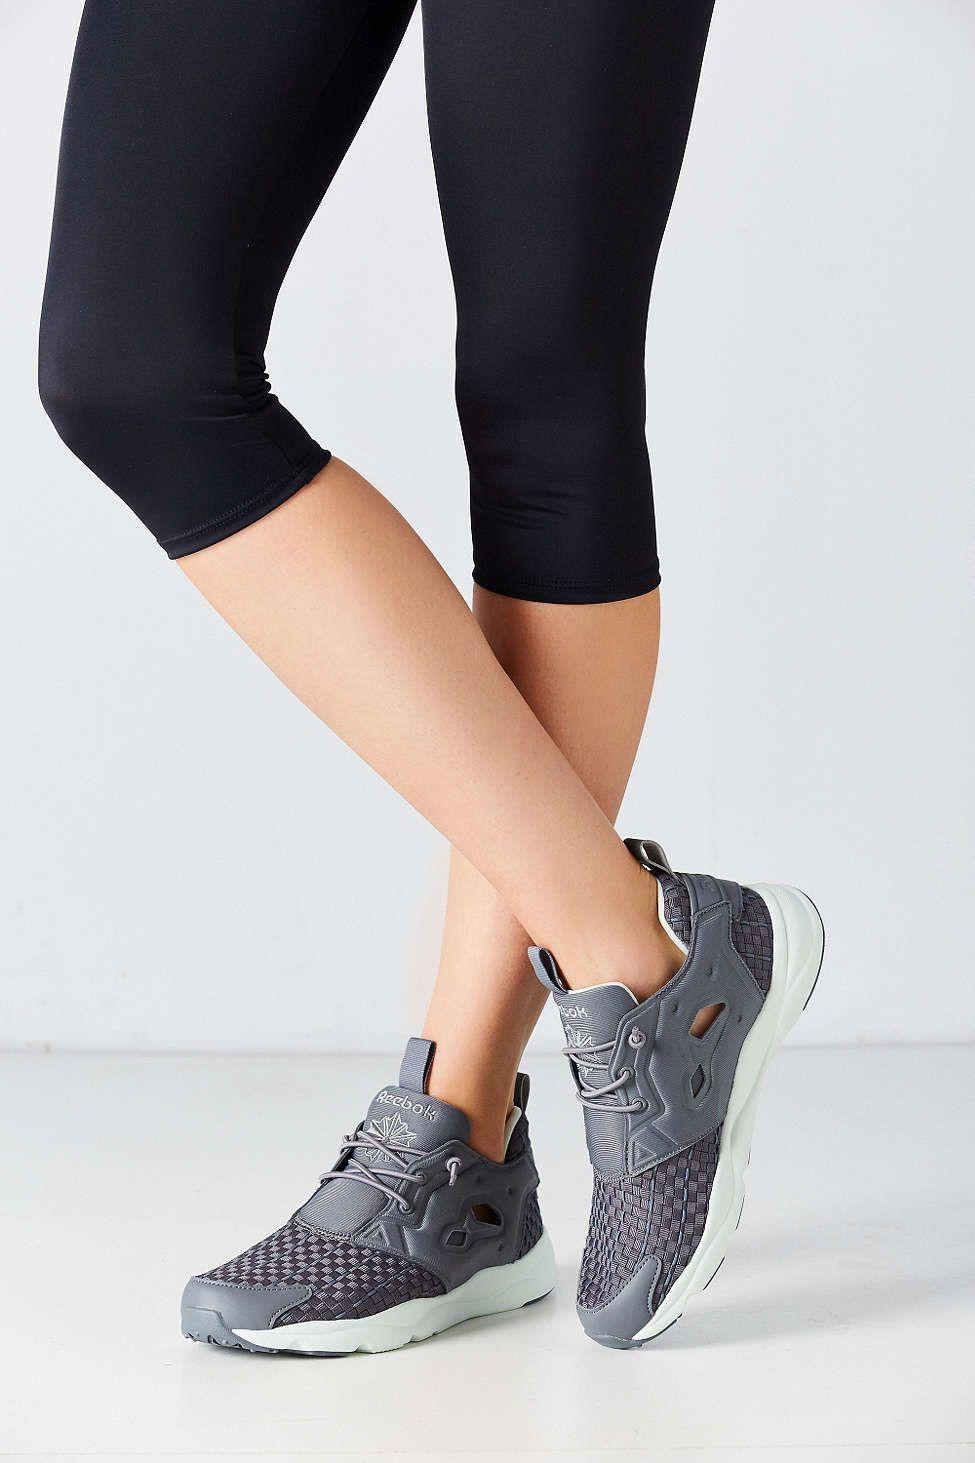 2a8cb71097be61 Reebok Furylite New Woven Sneaker